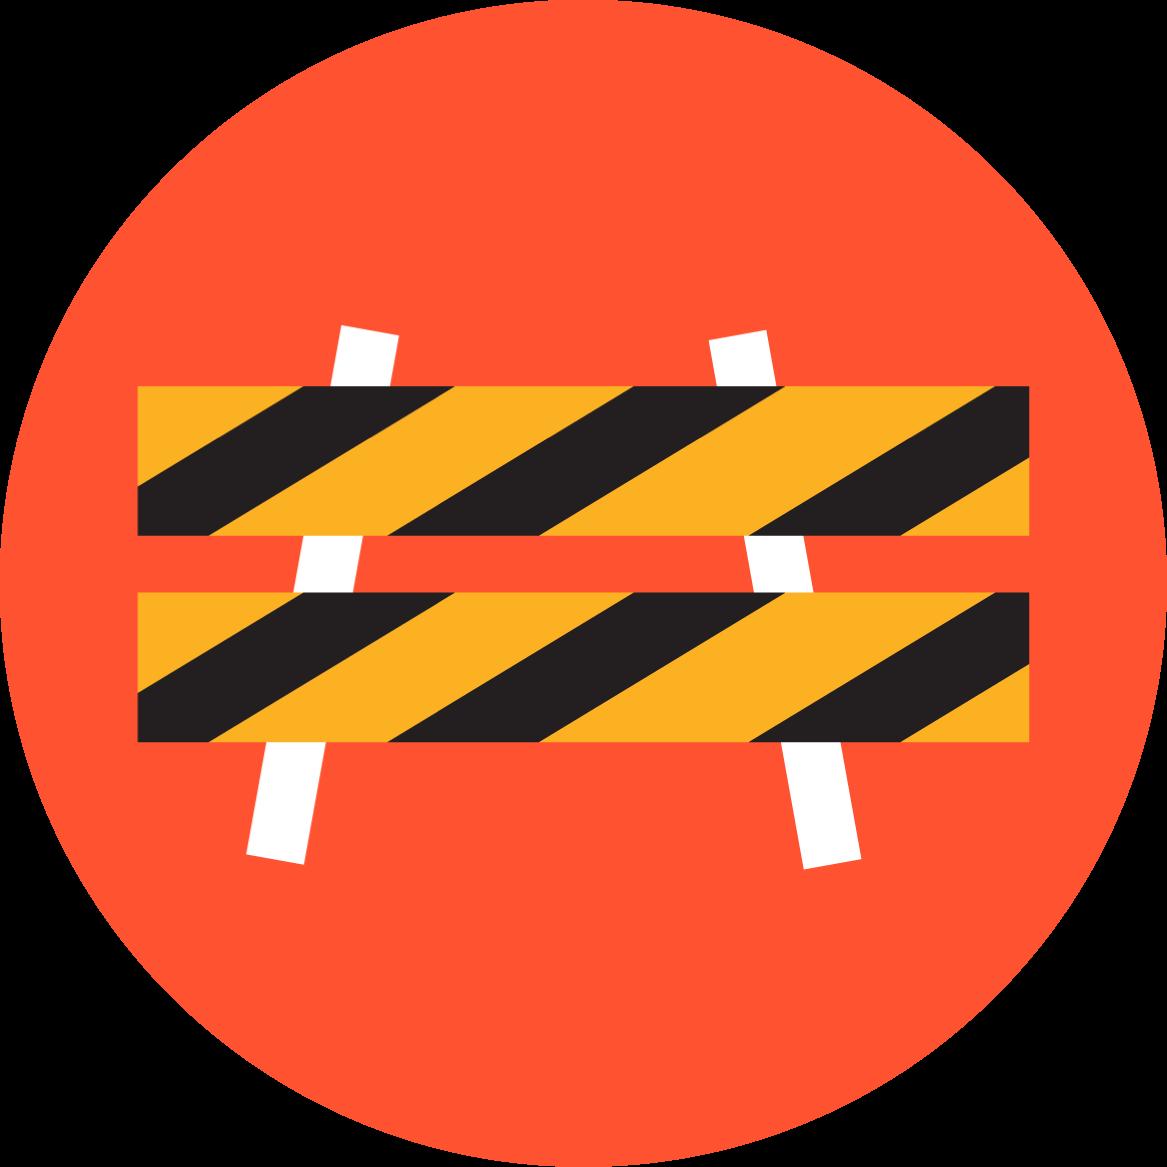 Аналитический паралич— признак того, что ваш проект подвержен рискам.